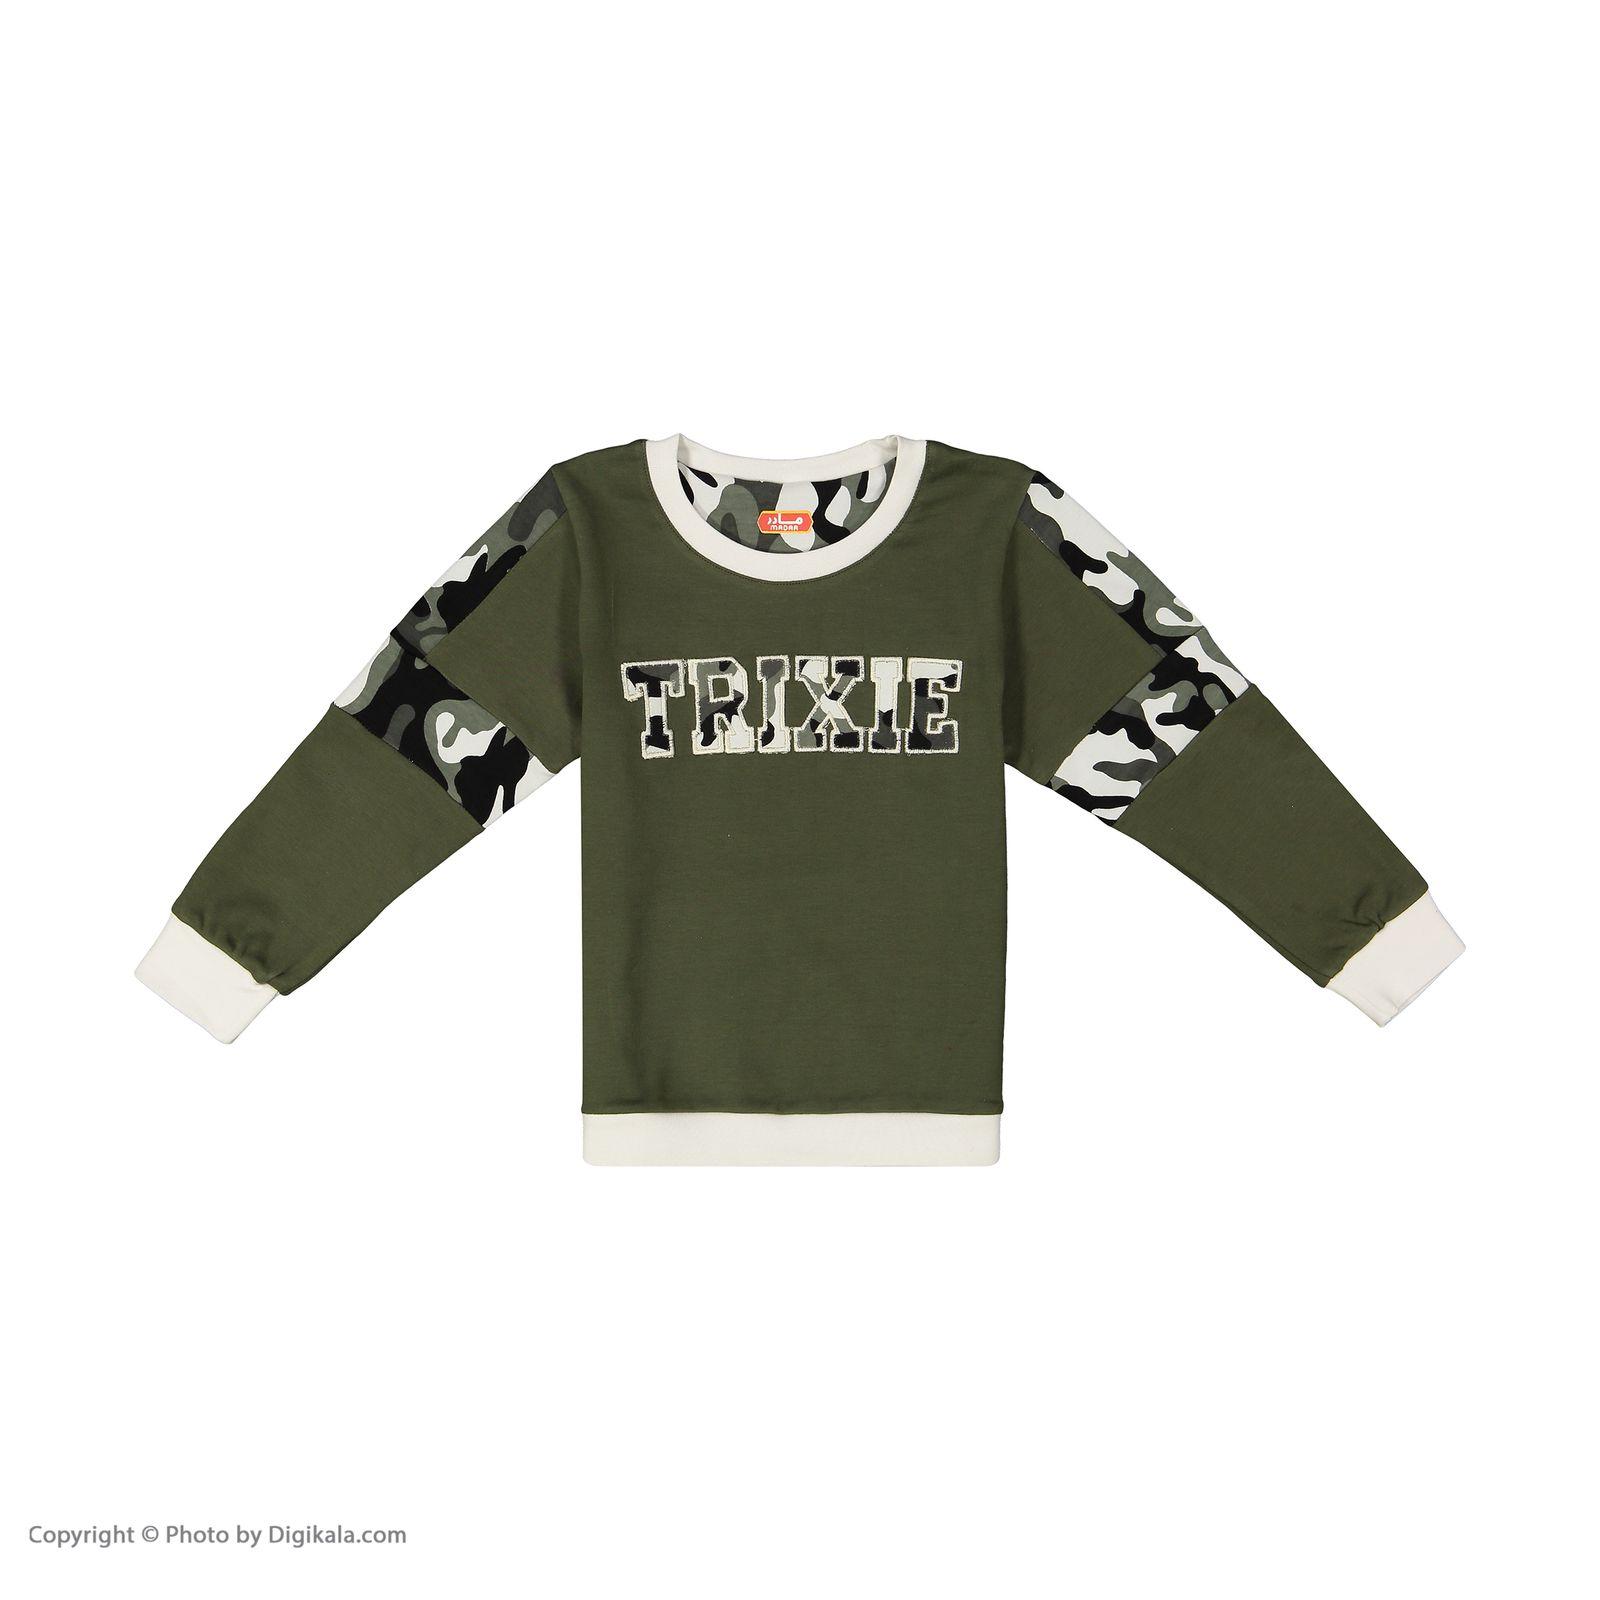 ست تی شرت و شلوار پسرانه مادر مدل 310-49 main 1 2